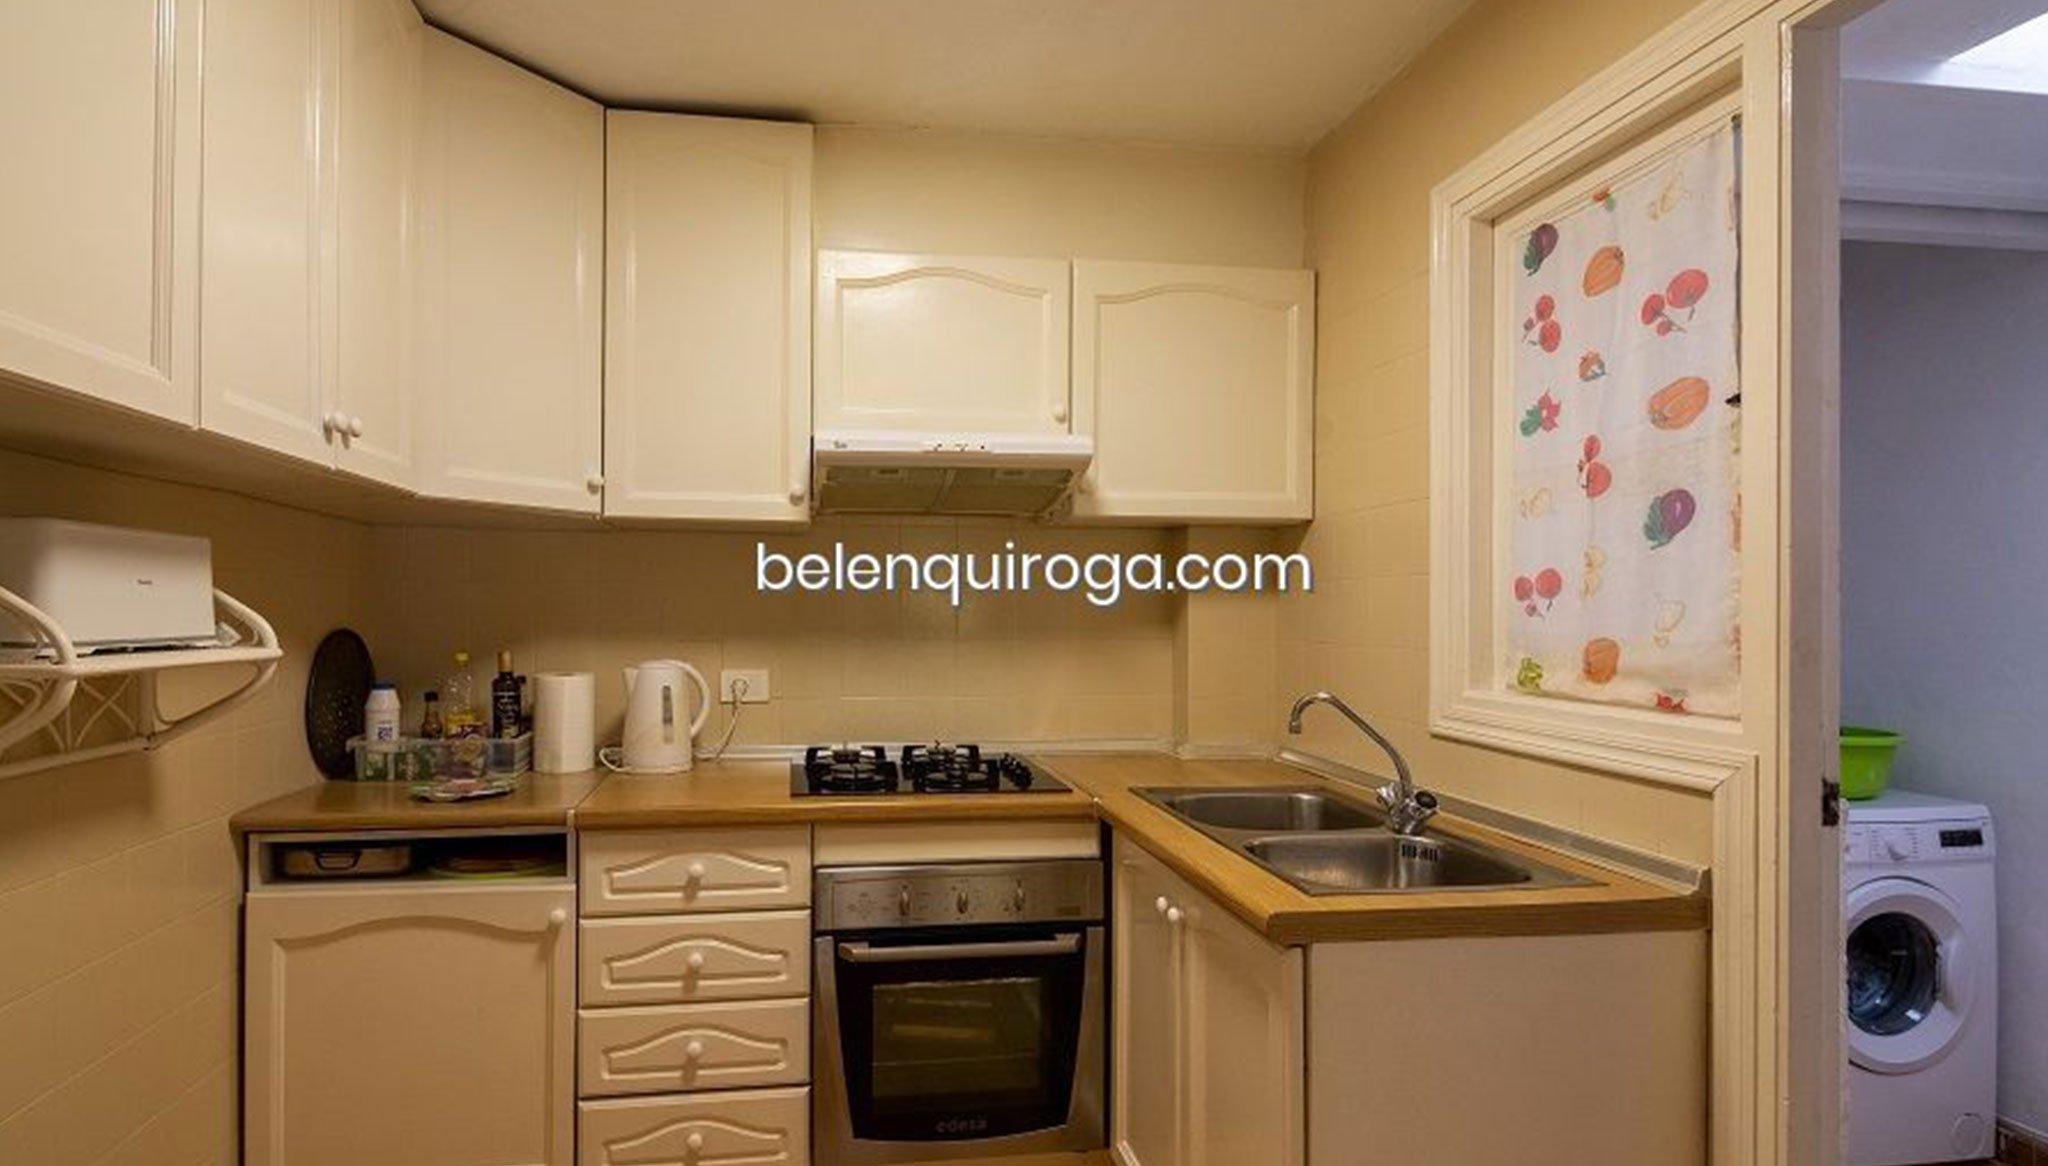 Cocina de un bungalow en venta en Jávea – Inmobiliaria Belen Quiroga